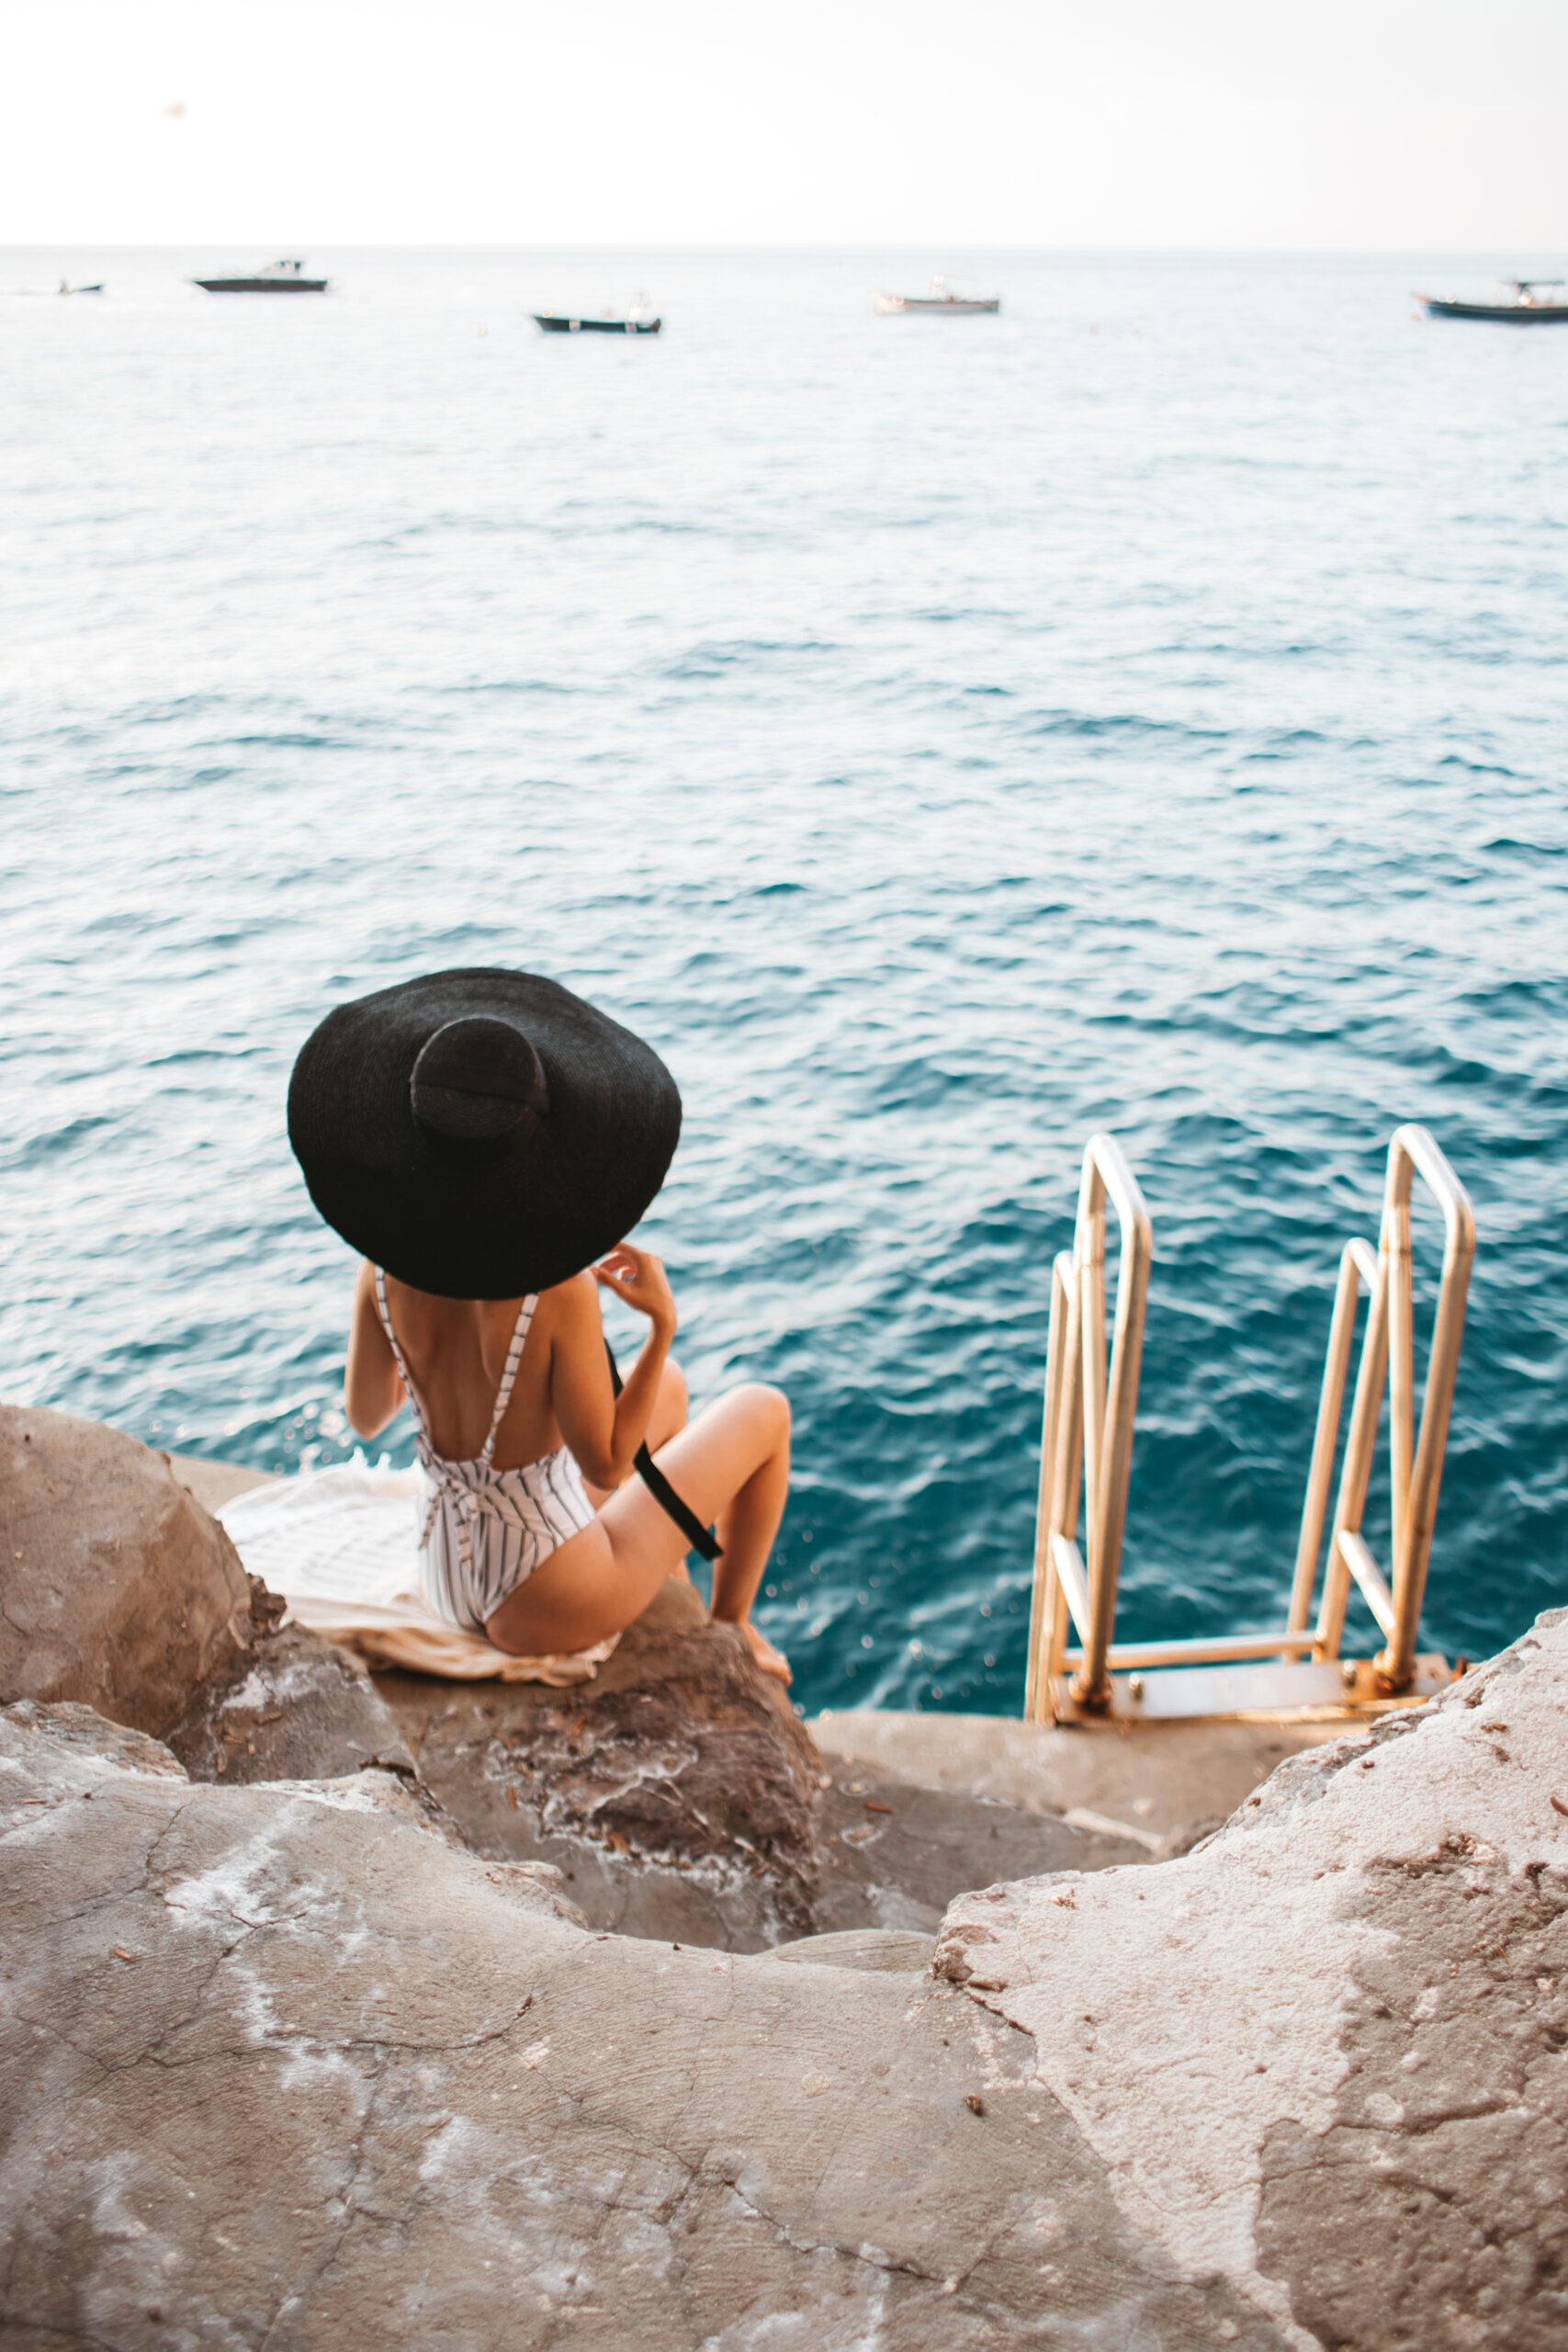 Positano b&b, Amalfi b&b, Wybrzeże Amalfi, nocleg Amalfi, Amalfi gdzie sie zatrzymac, hotel z prywatną plażą